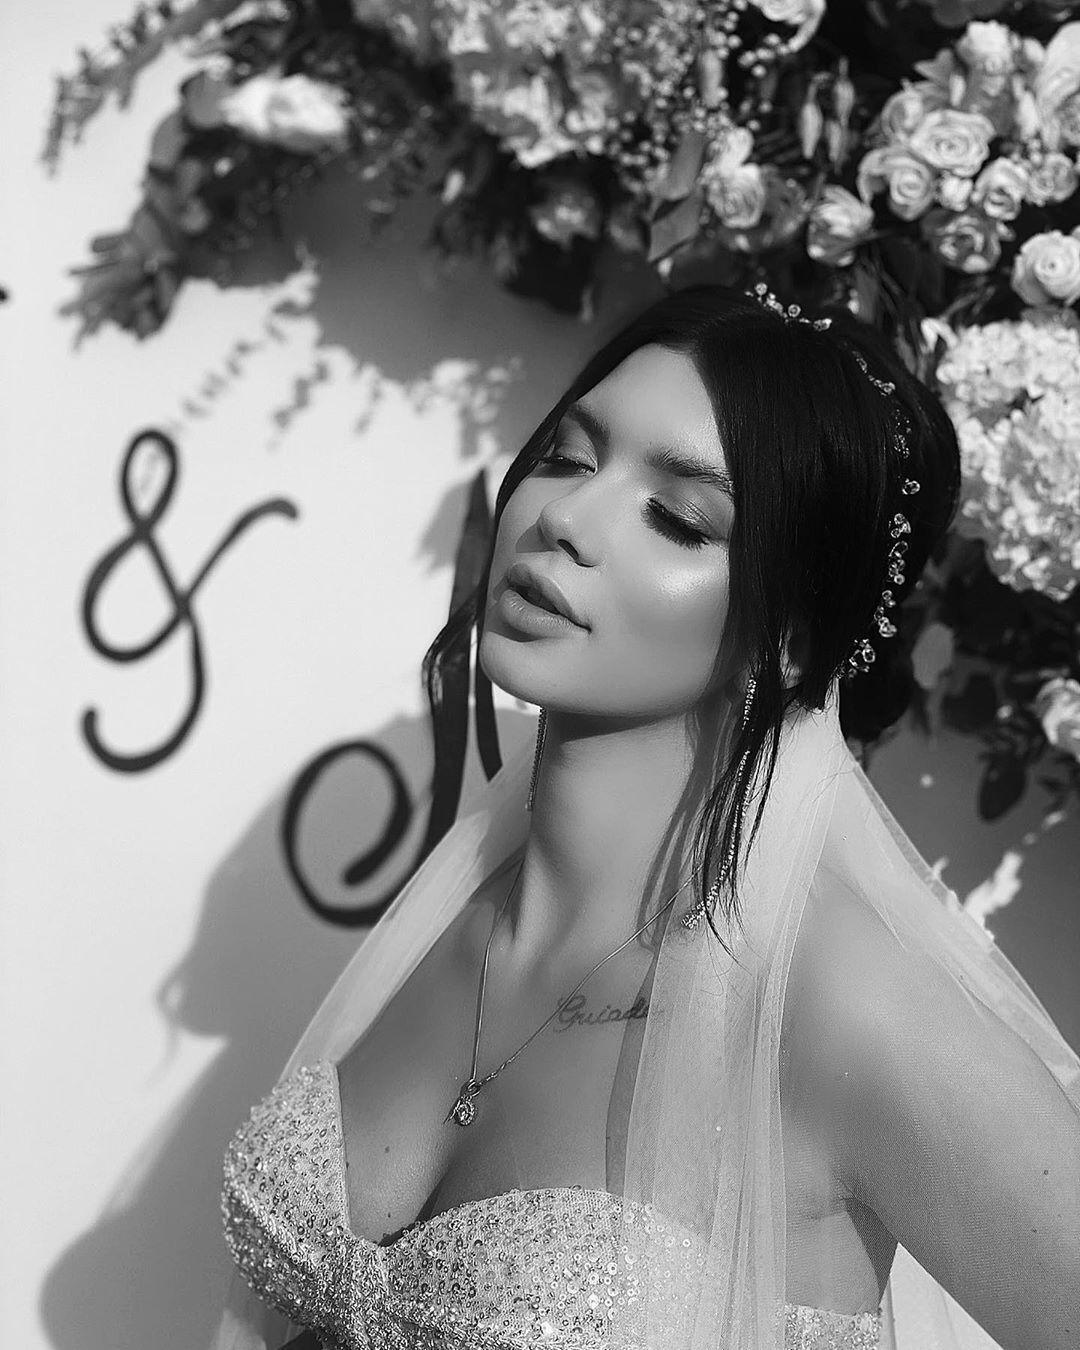 Мария Русина на черно-белой стильной фотографии